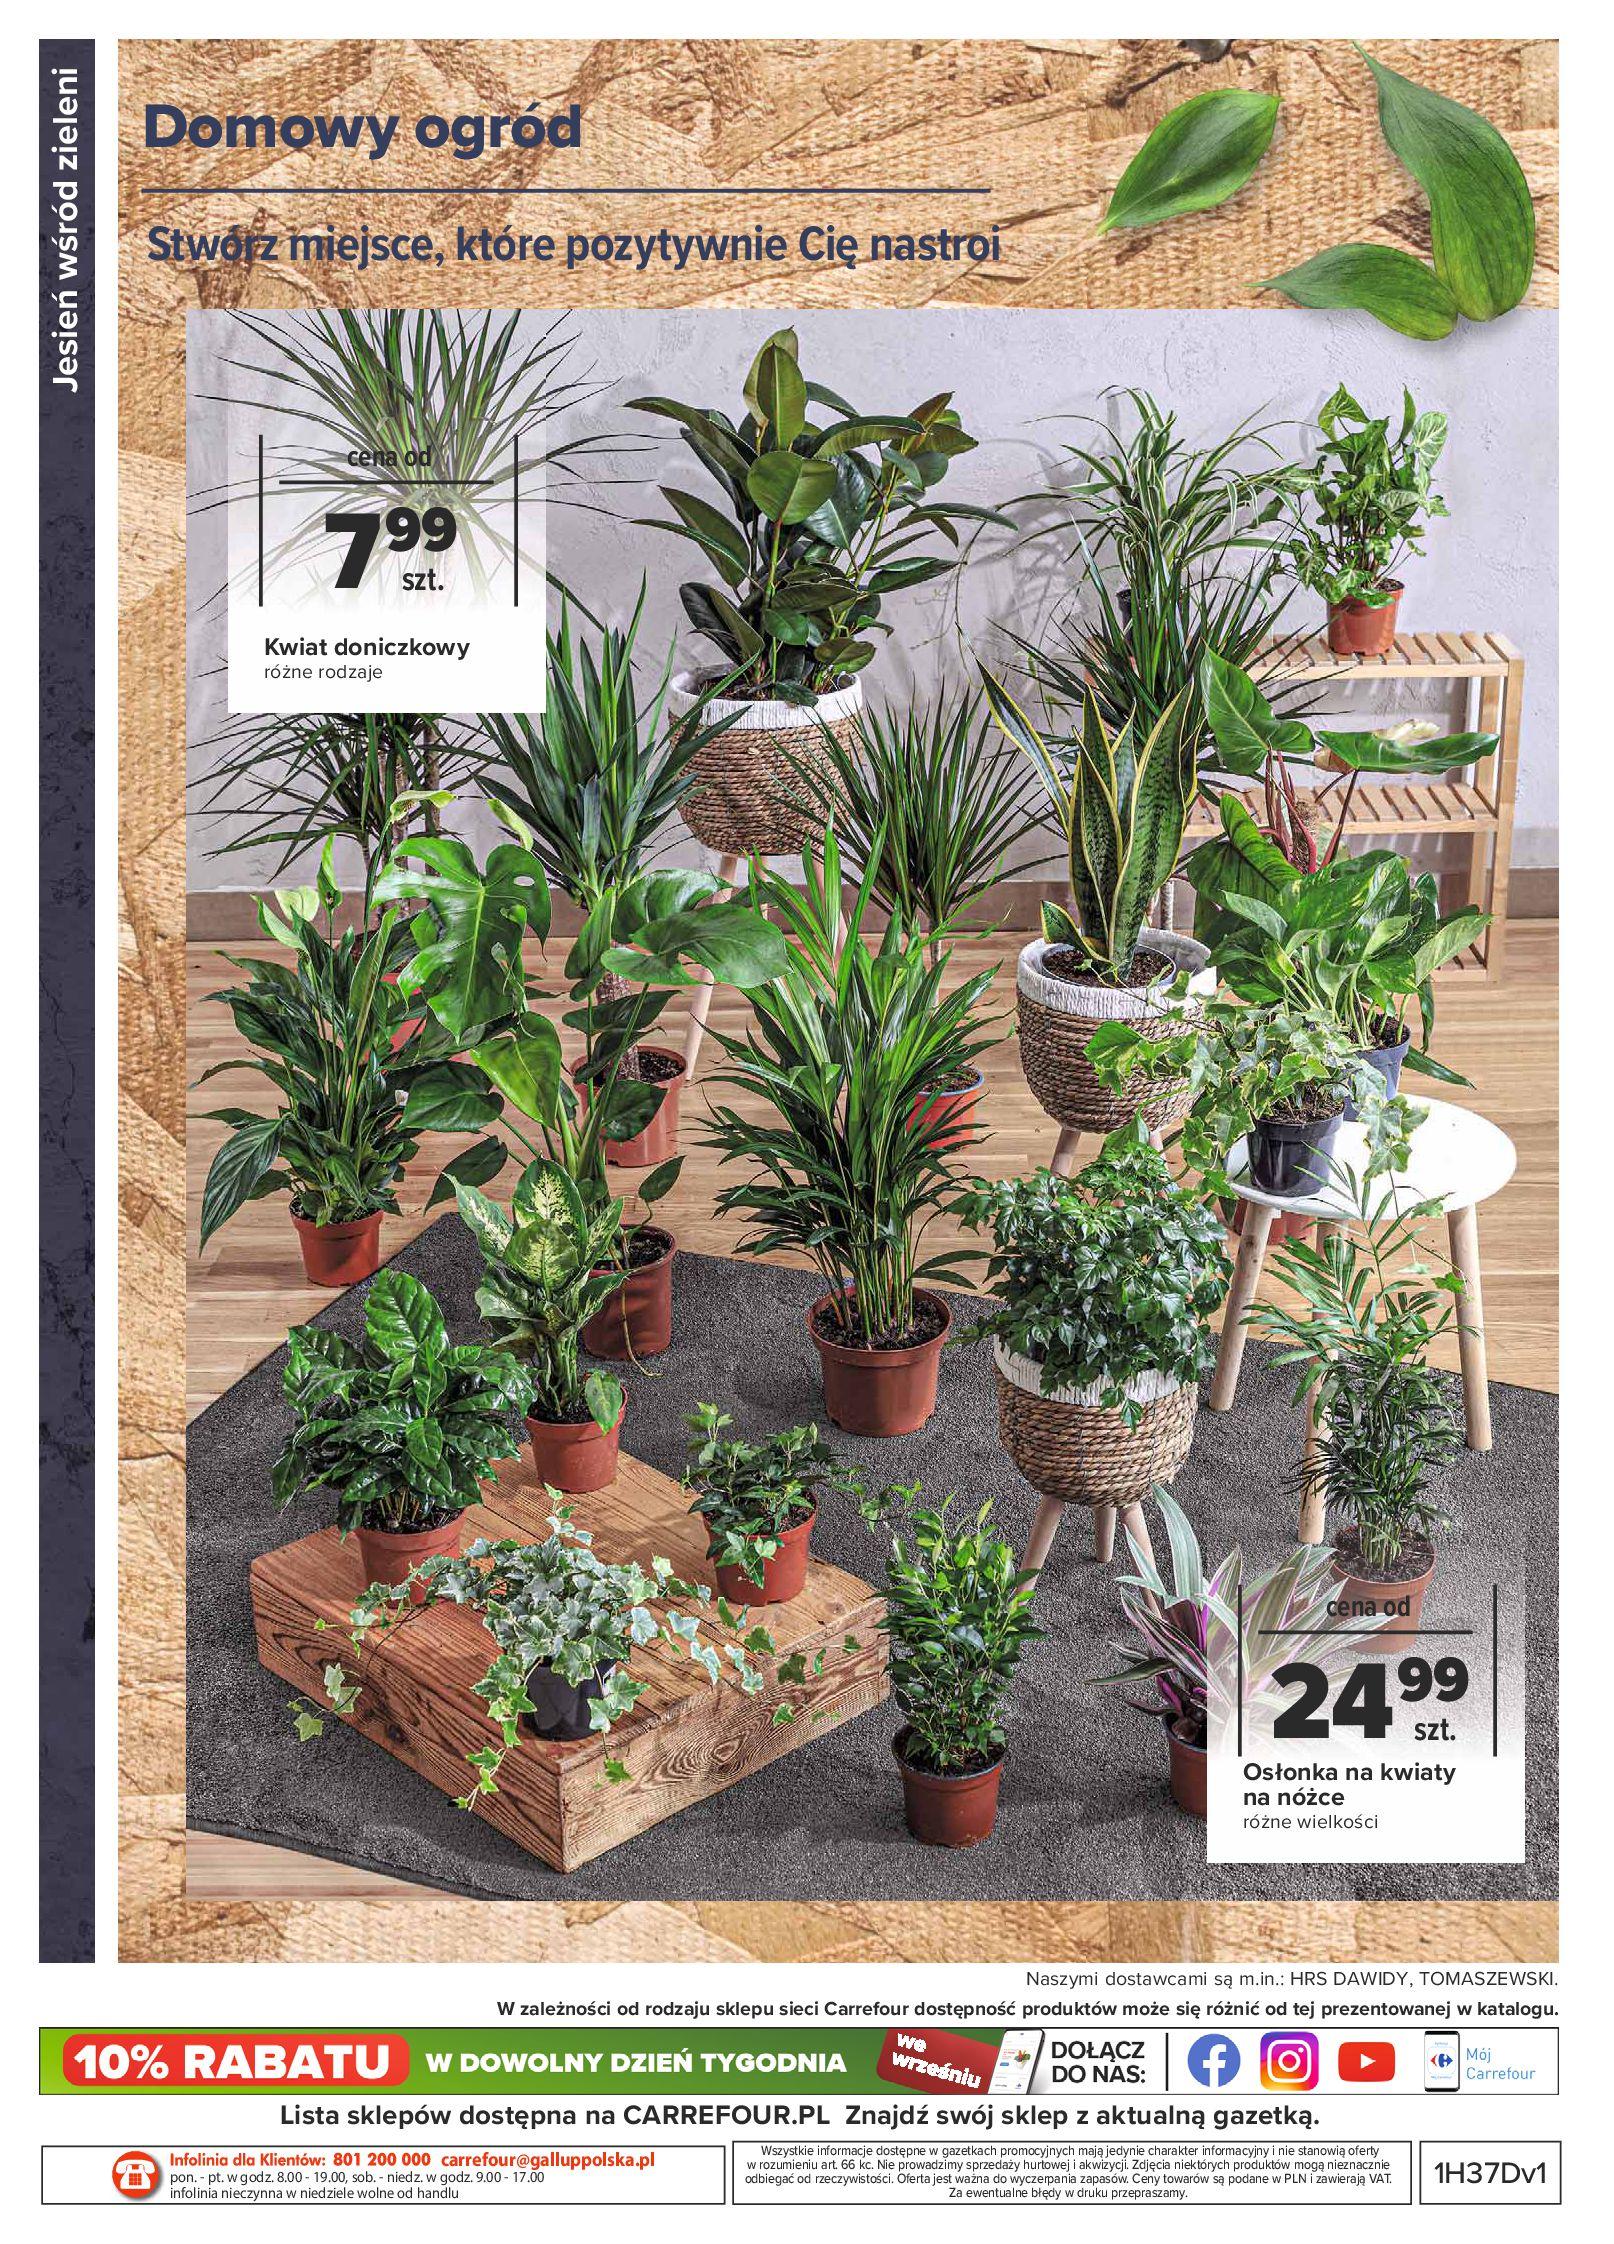 Gazetka Carrefour: Gazetka Carrefour - Dom gotowy na Jesień! 2021-09-14 page-16